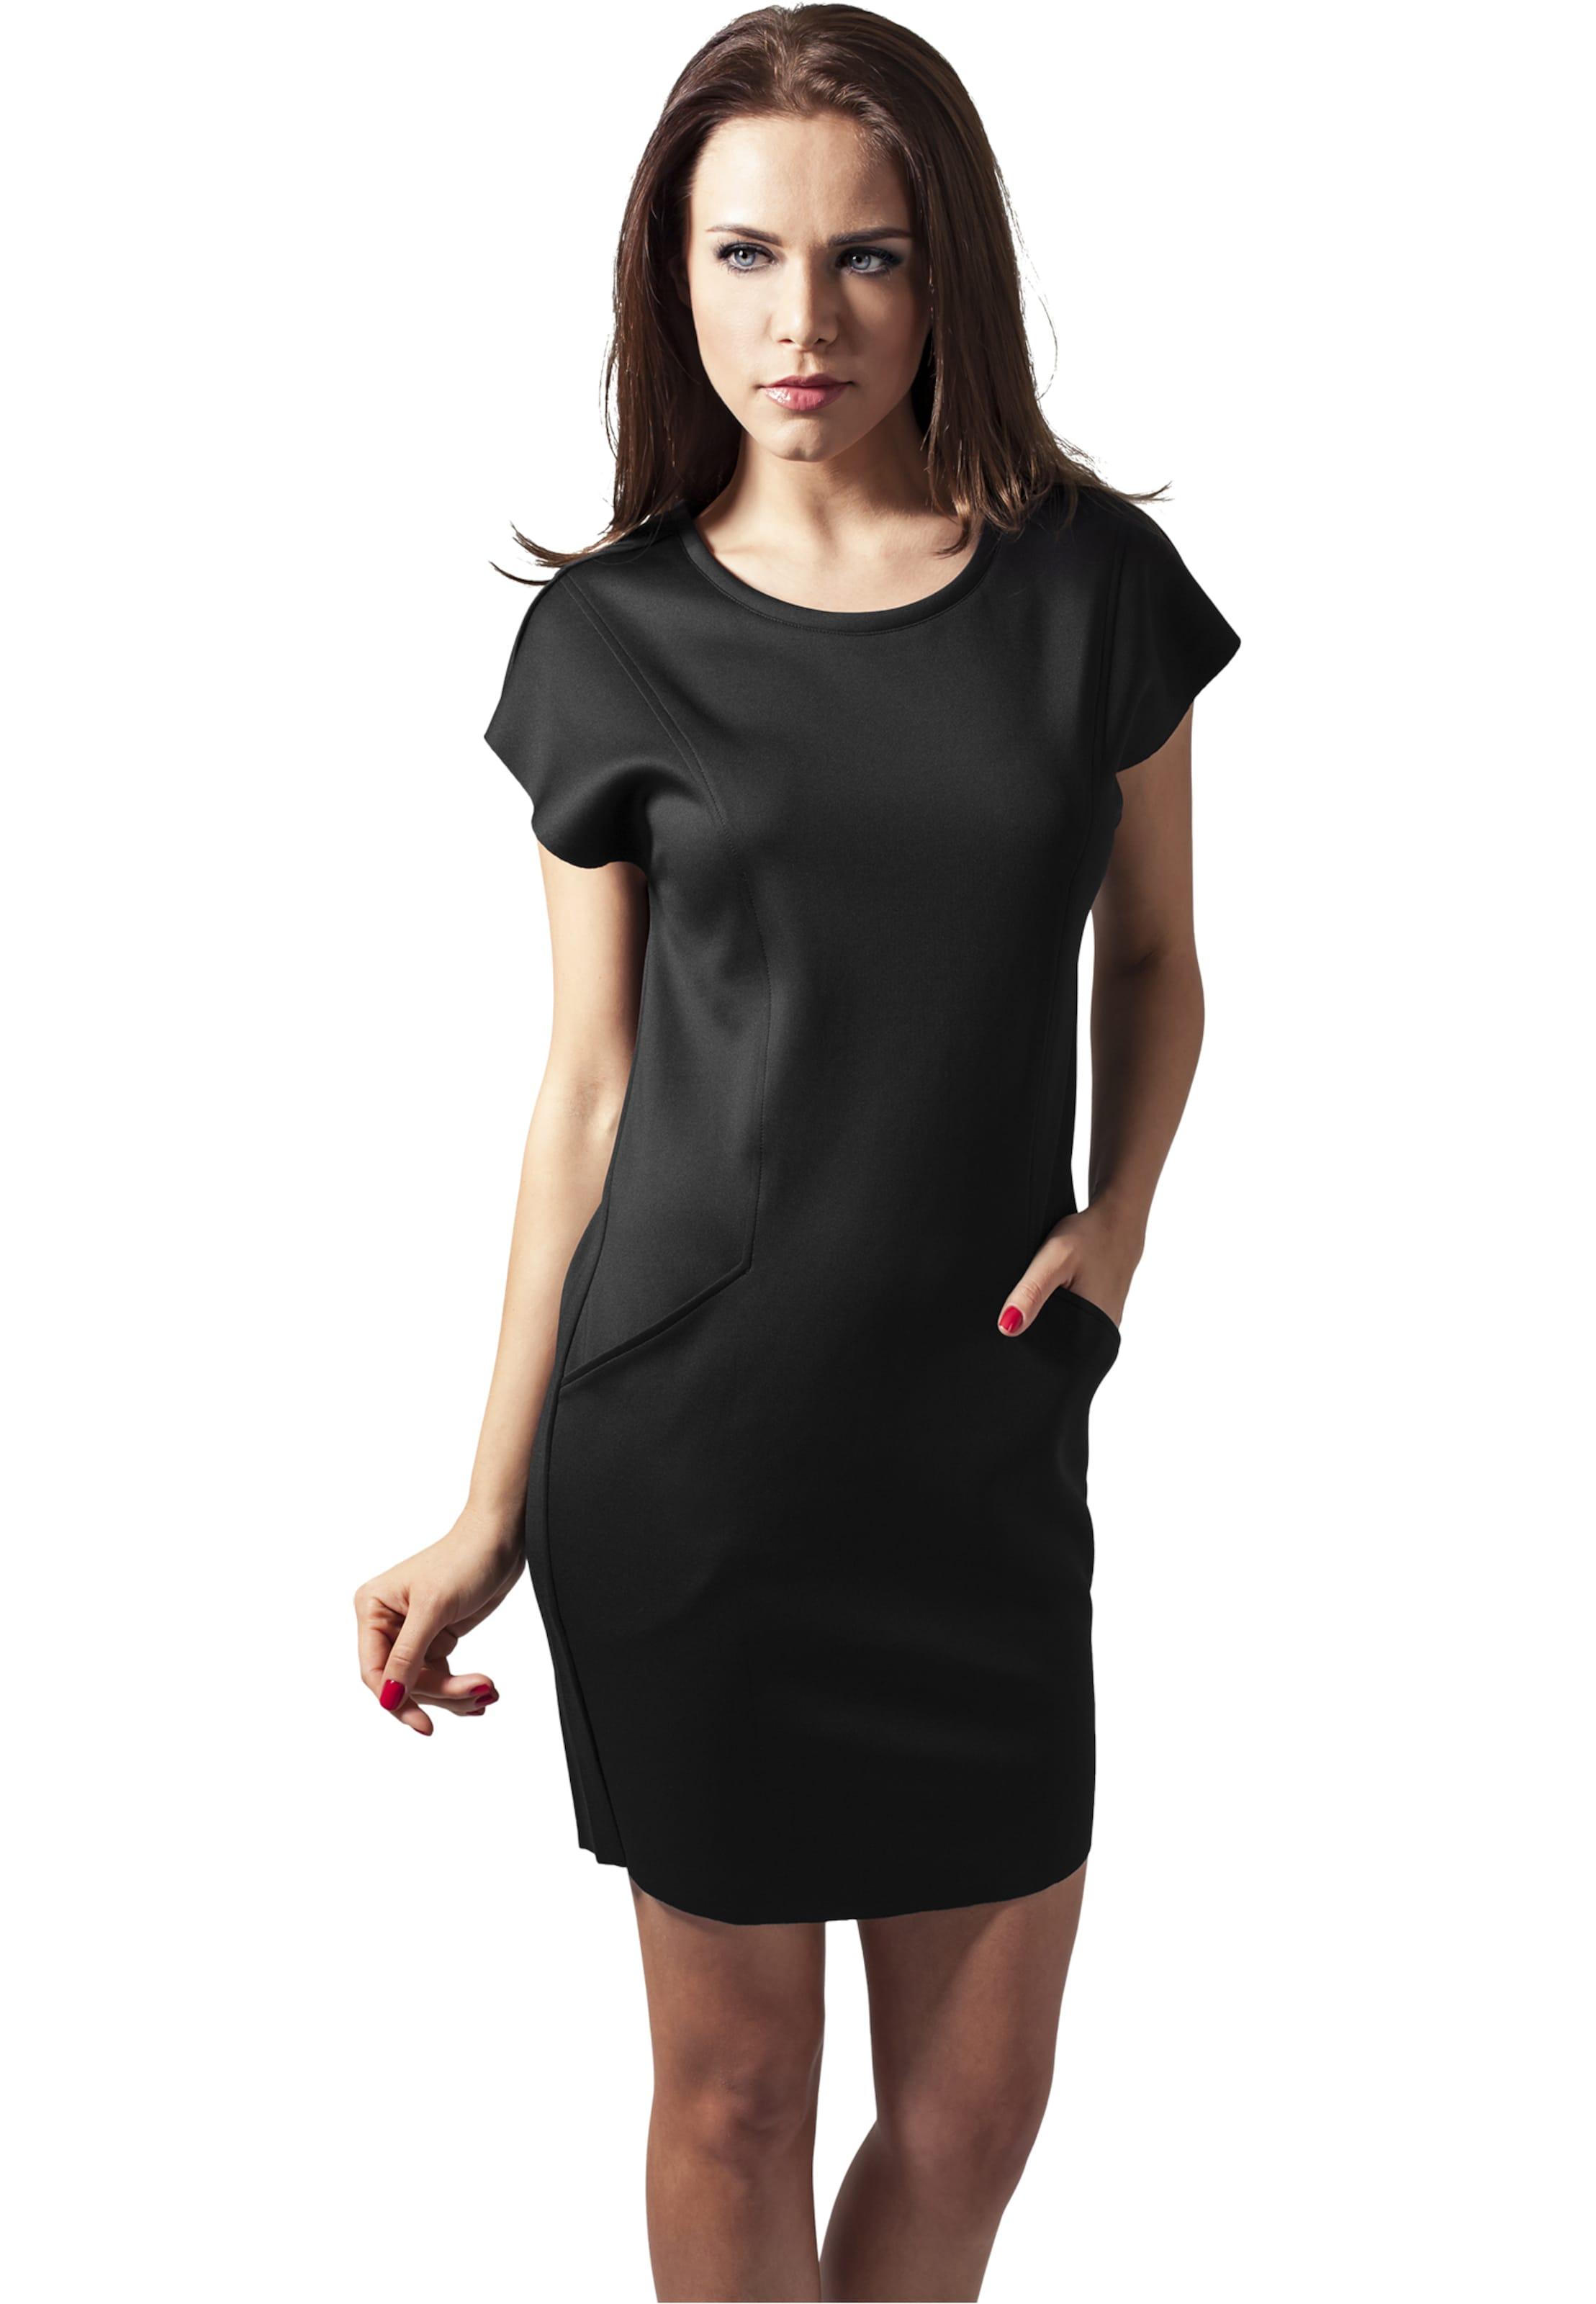 Dress Classics Dress In Urban Classics Urban Schwarz OP0mN8nvwy